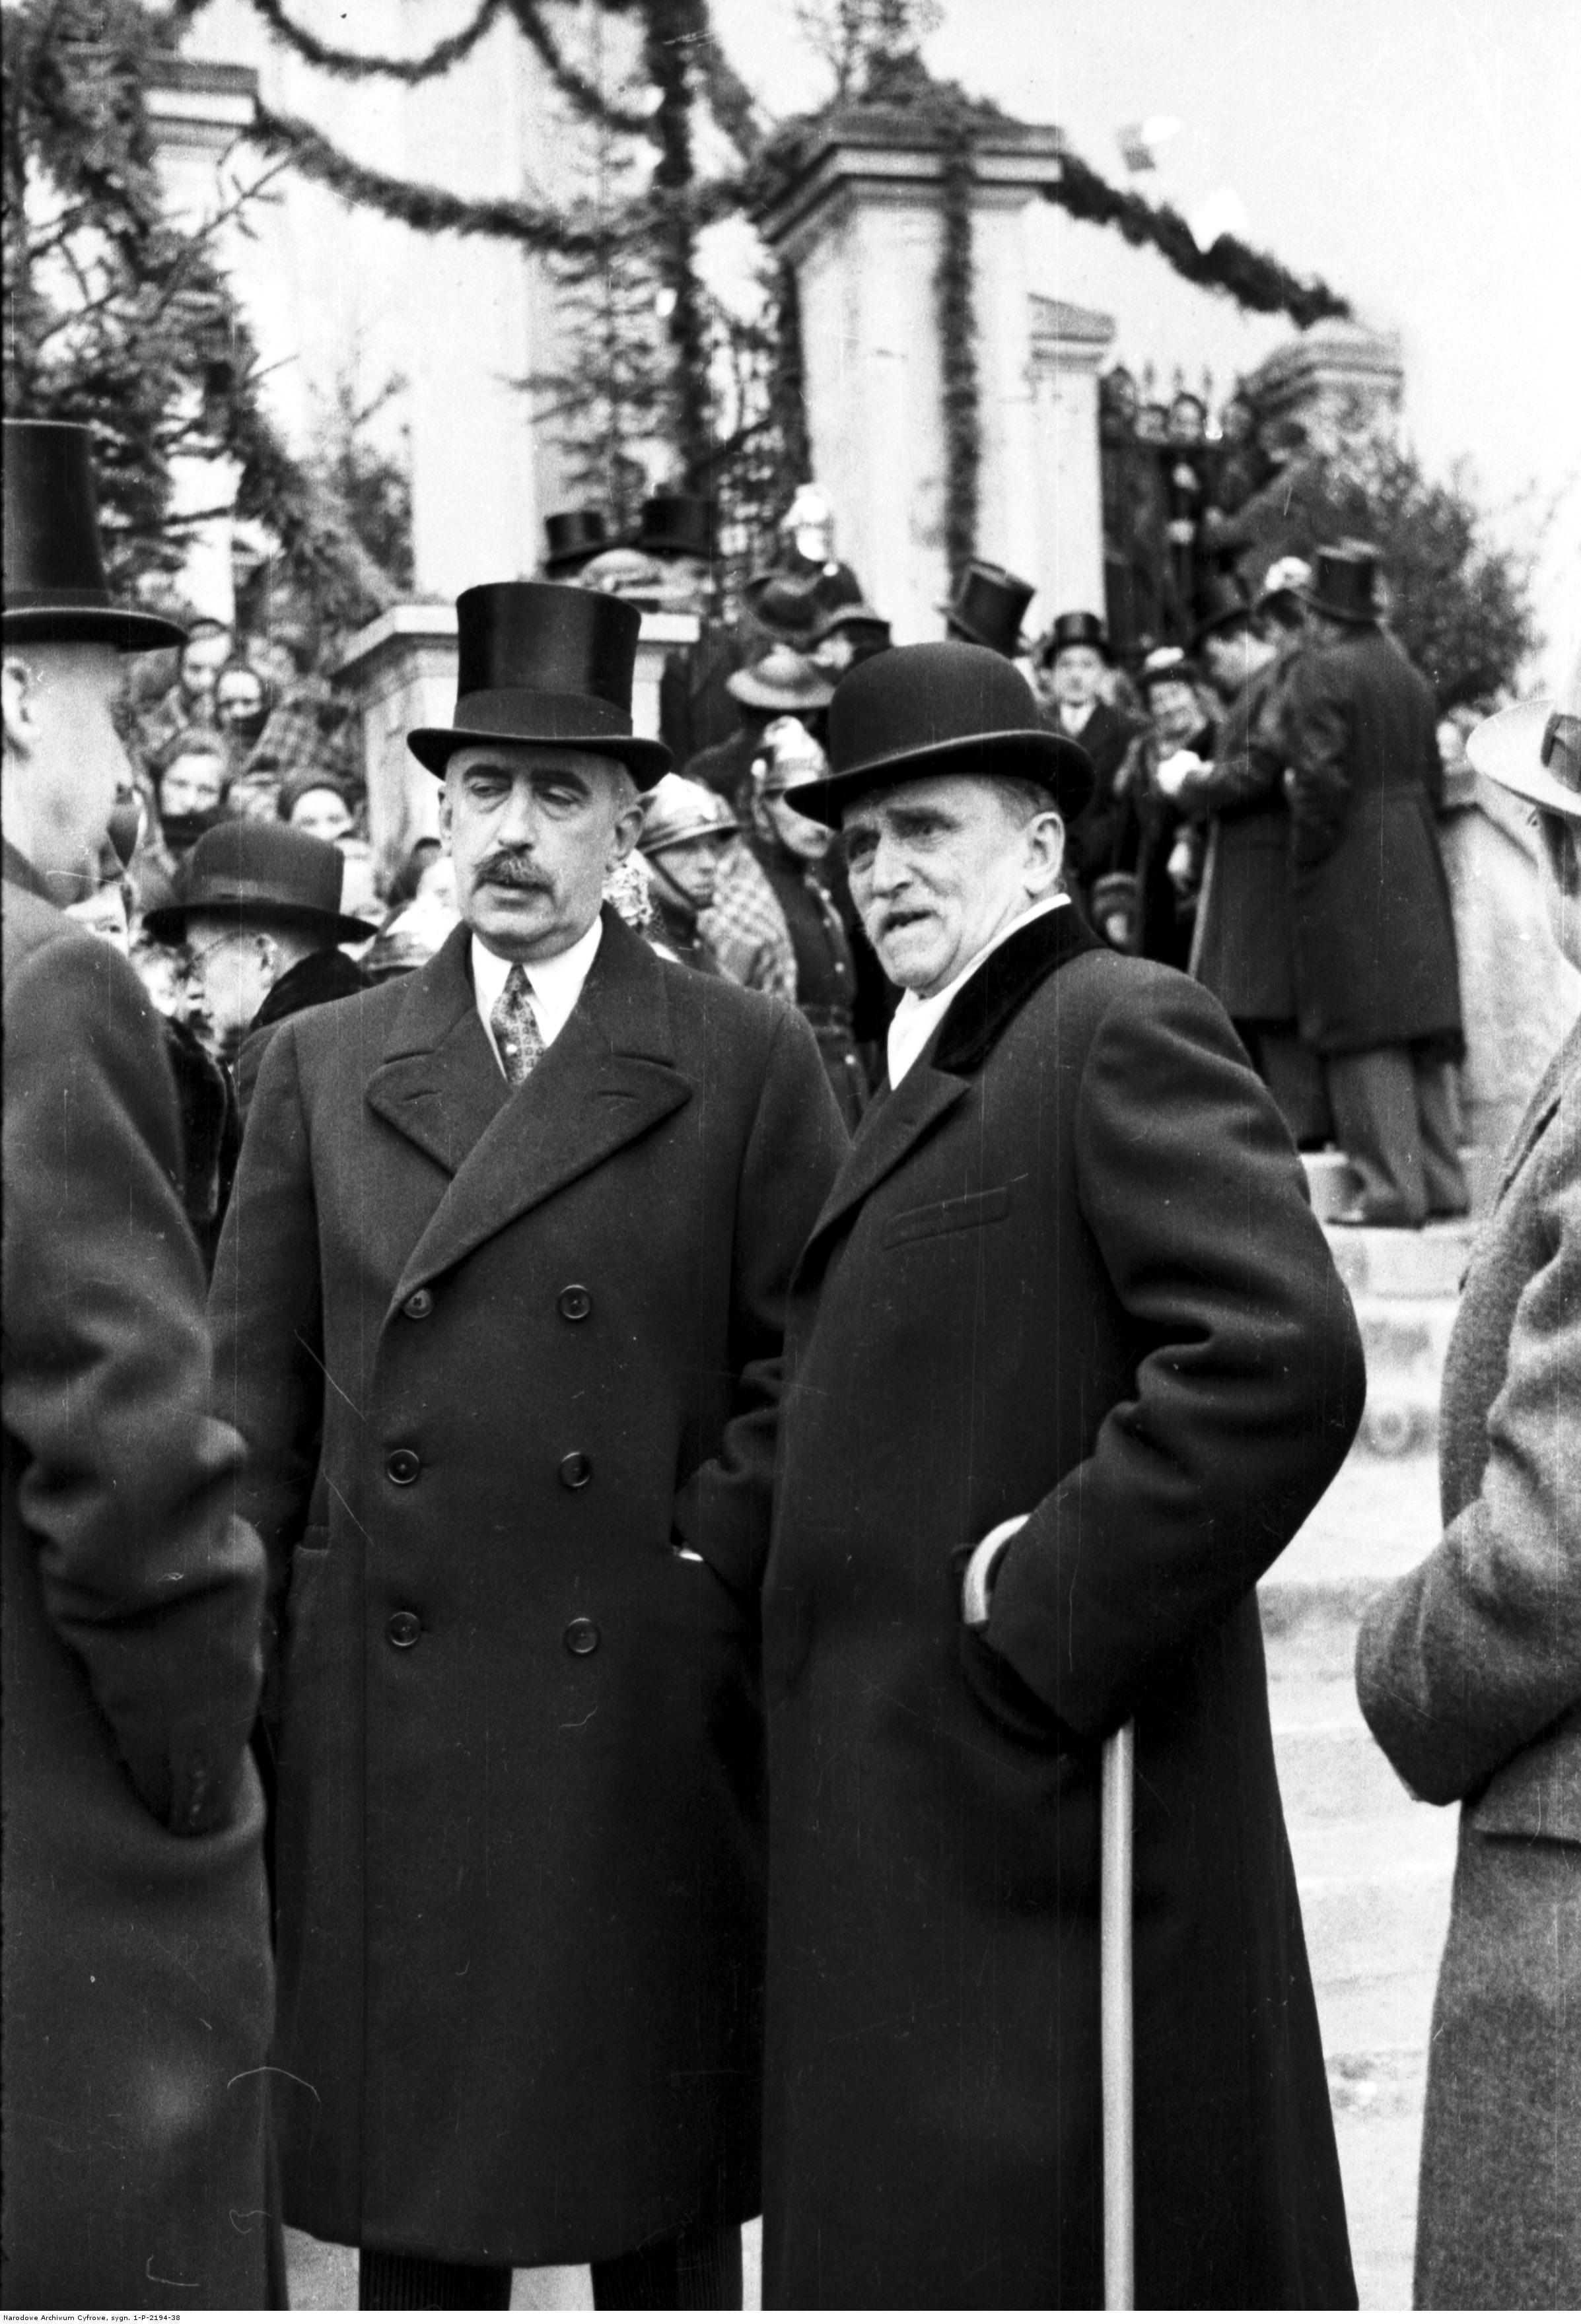 Wśród Radziwiłłów byli nie tylko zdrajcy, szaleńcy, utracjusze czy stręczyciele. Najpotężniejszy ród w historii Polski wydał także wybitnych polityków i patriotów jak Janusz Radziwiłł, który nie wahał się interweniować u Göringa, aby uwolnił on profesorów UJ, uwięzionych w czasie wojny. Na zdjęciu po lewej z księciem Zdzisławem Lubomirskim (po prawej) z 1938 roku.